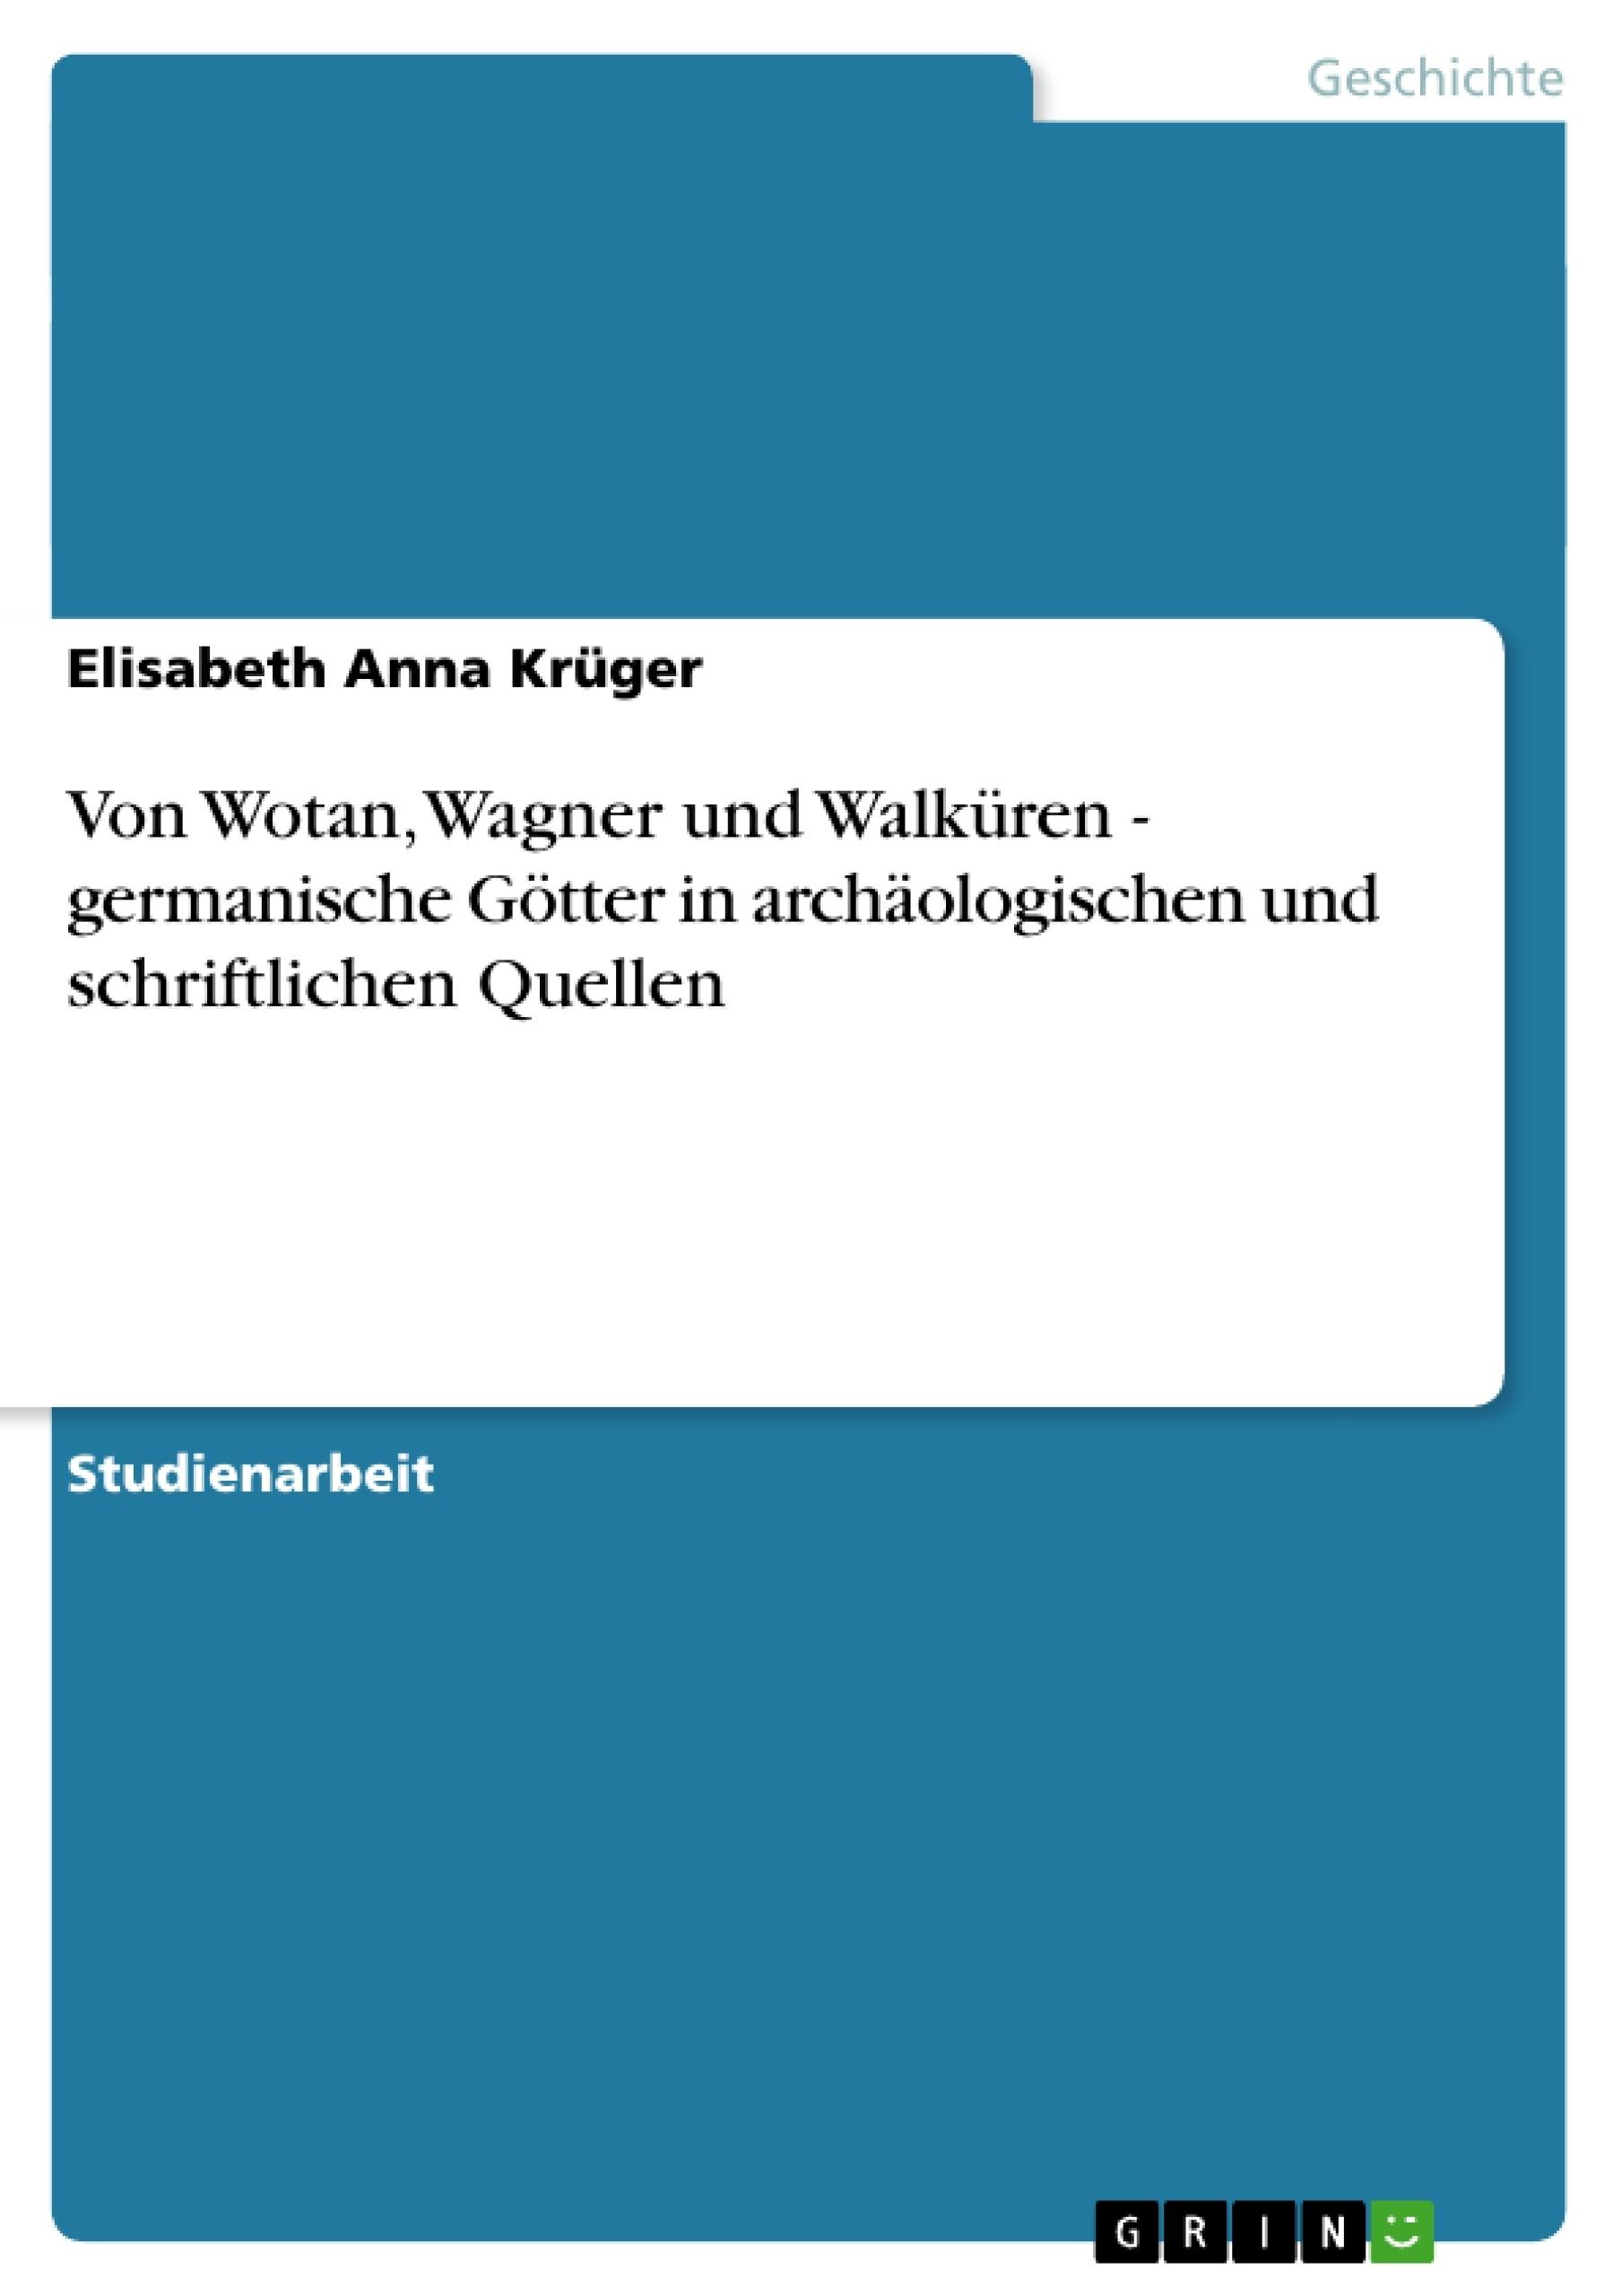 Titel: Von Wotan, Wagner und Walküren - germanische Götter in archäologischen und schriftlichen Quellen